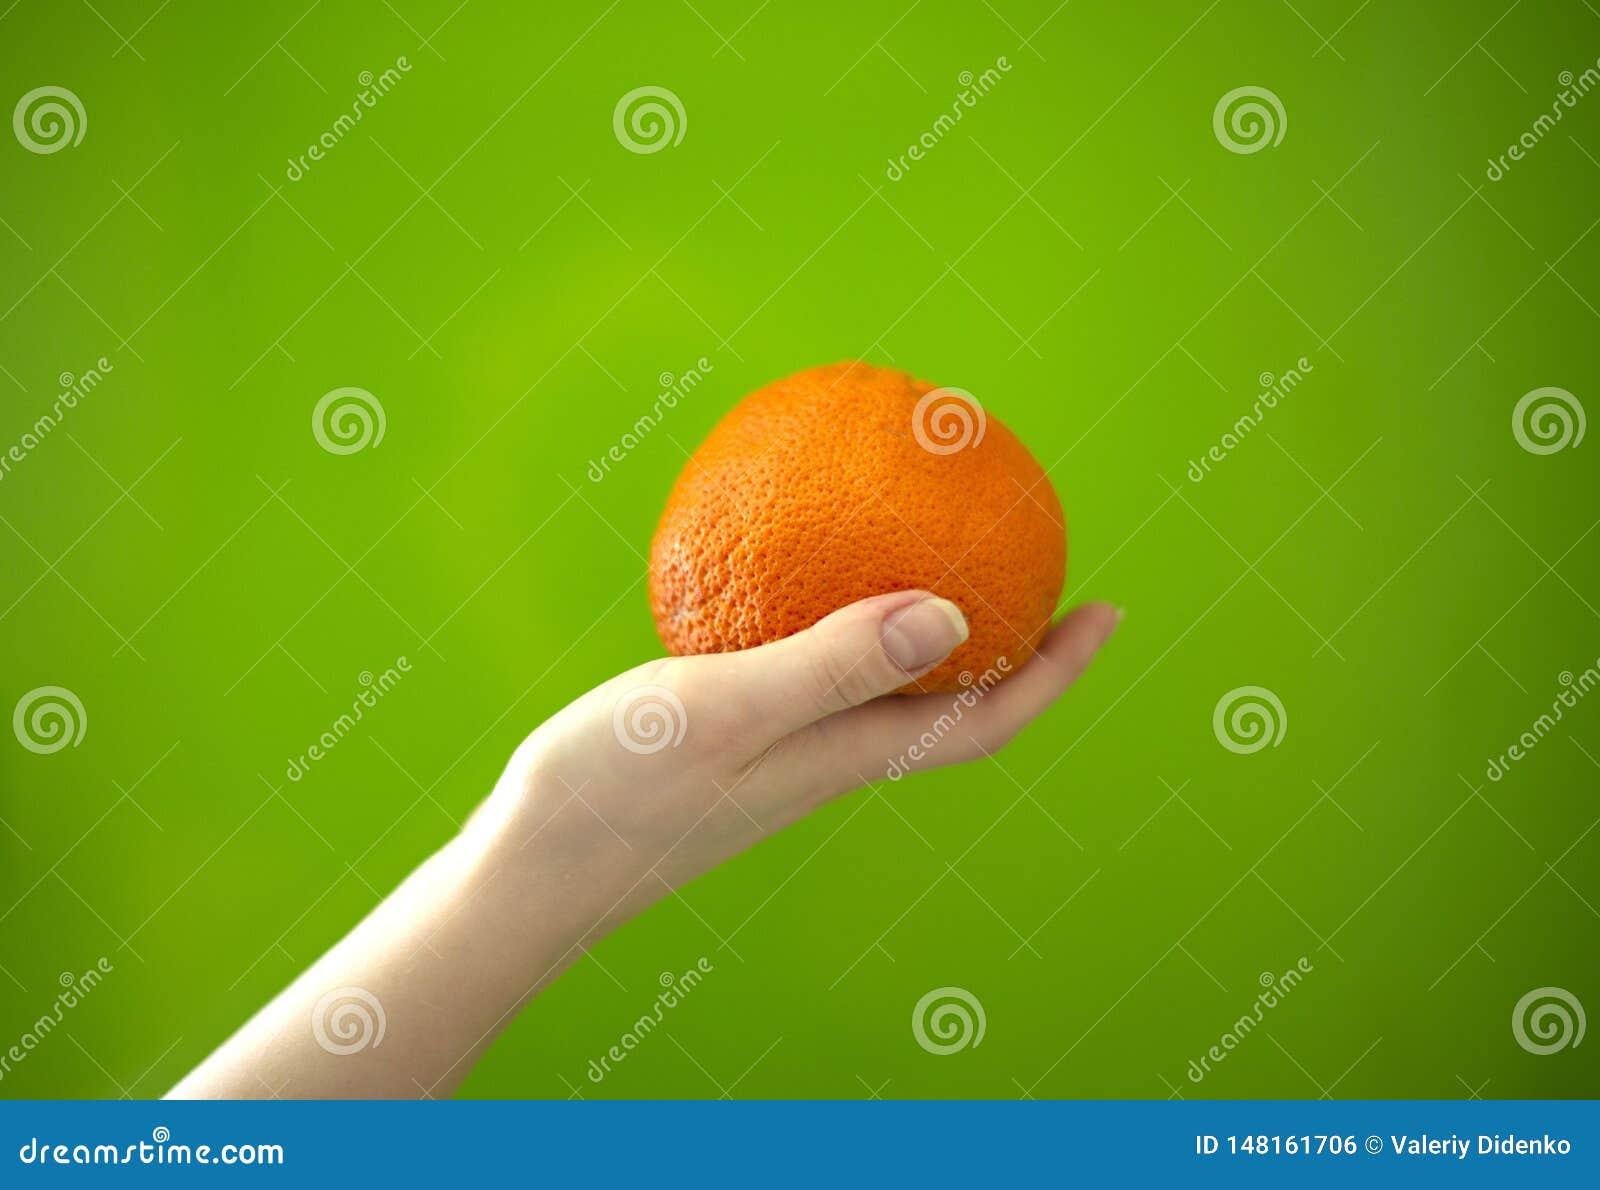 Tangerin i hand